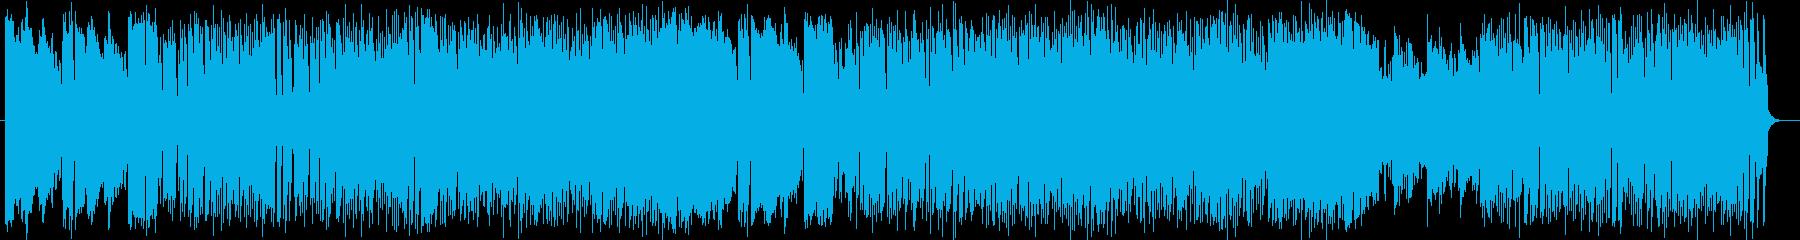 クールでメロディアスなエレキサウンドの再生済みの波形